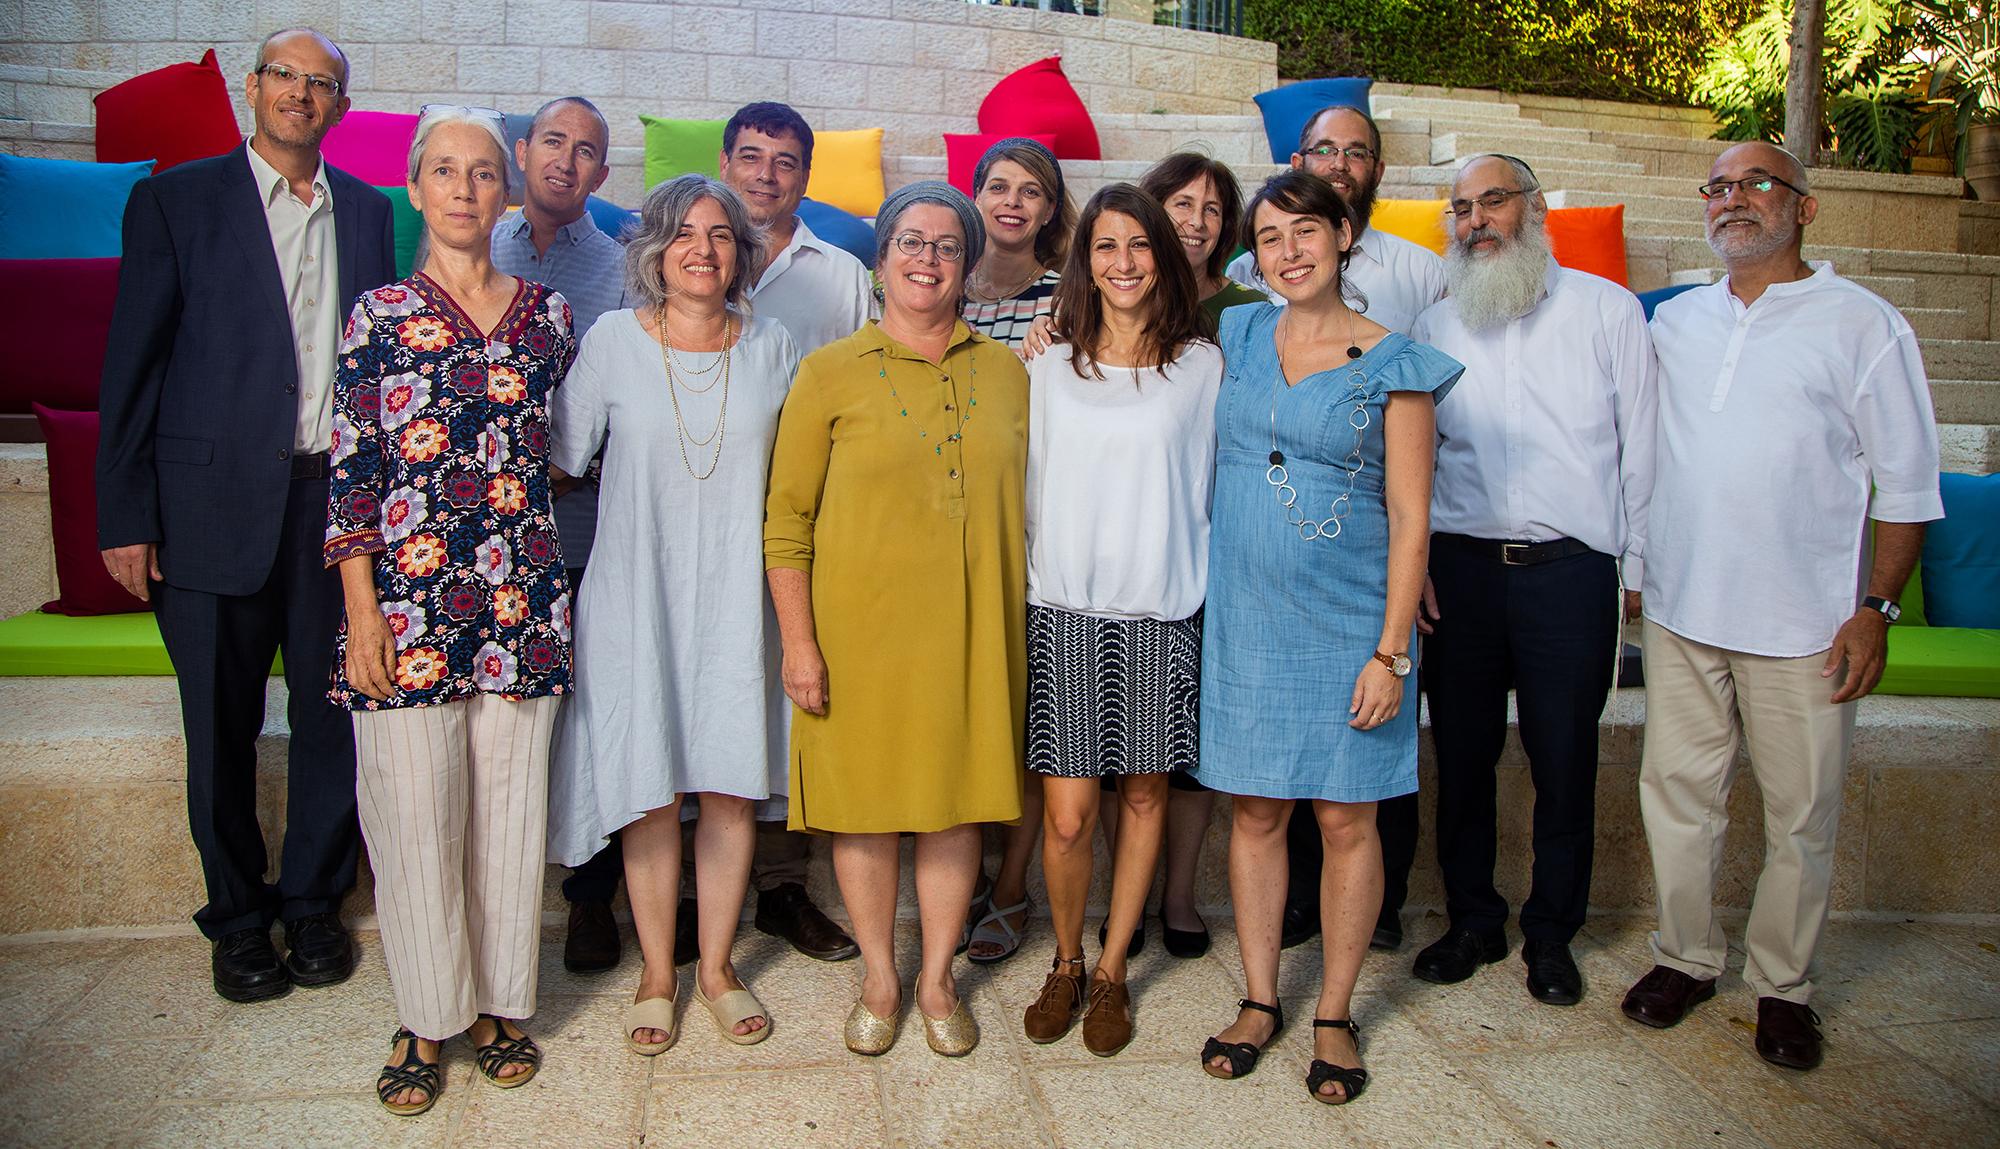 Beit Midrash for Israeli Rabbis